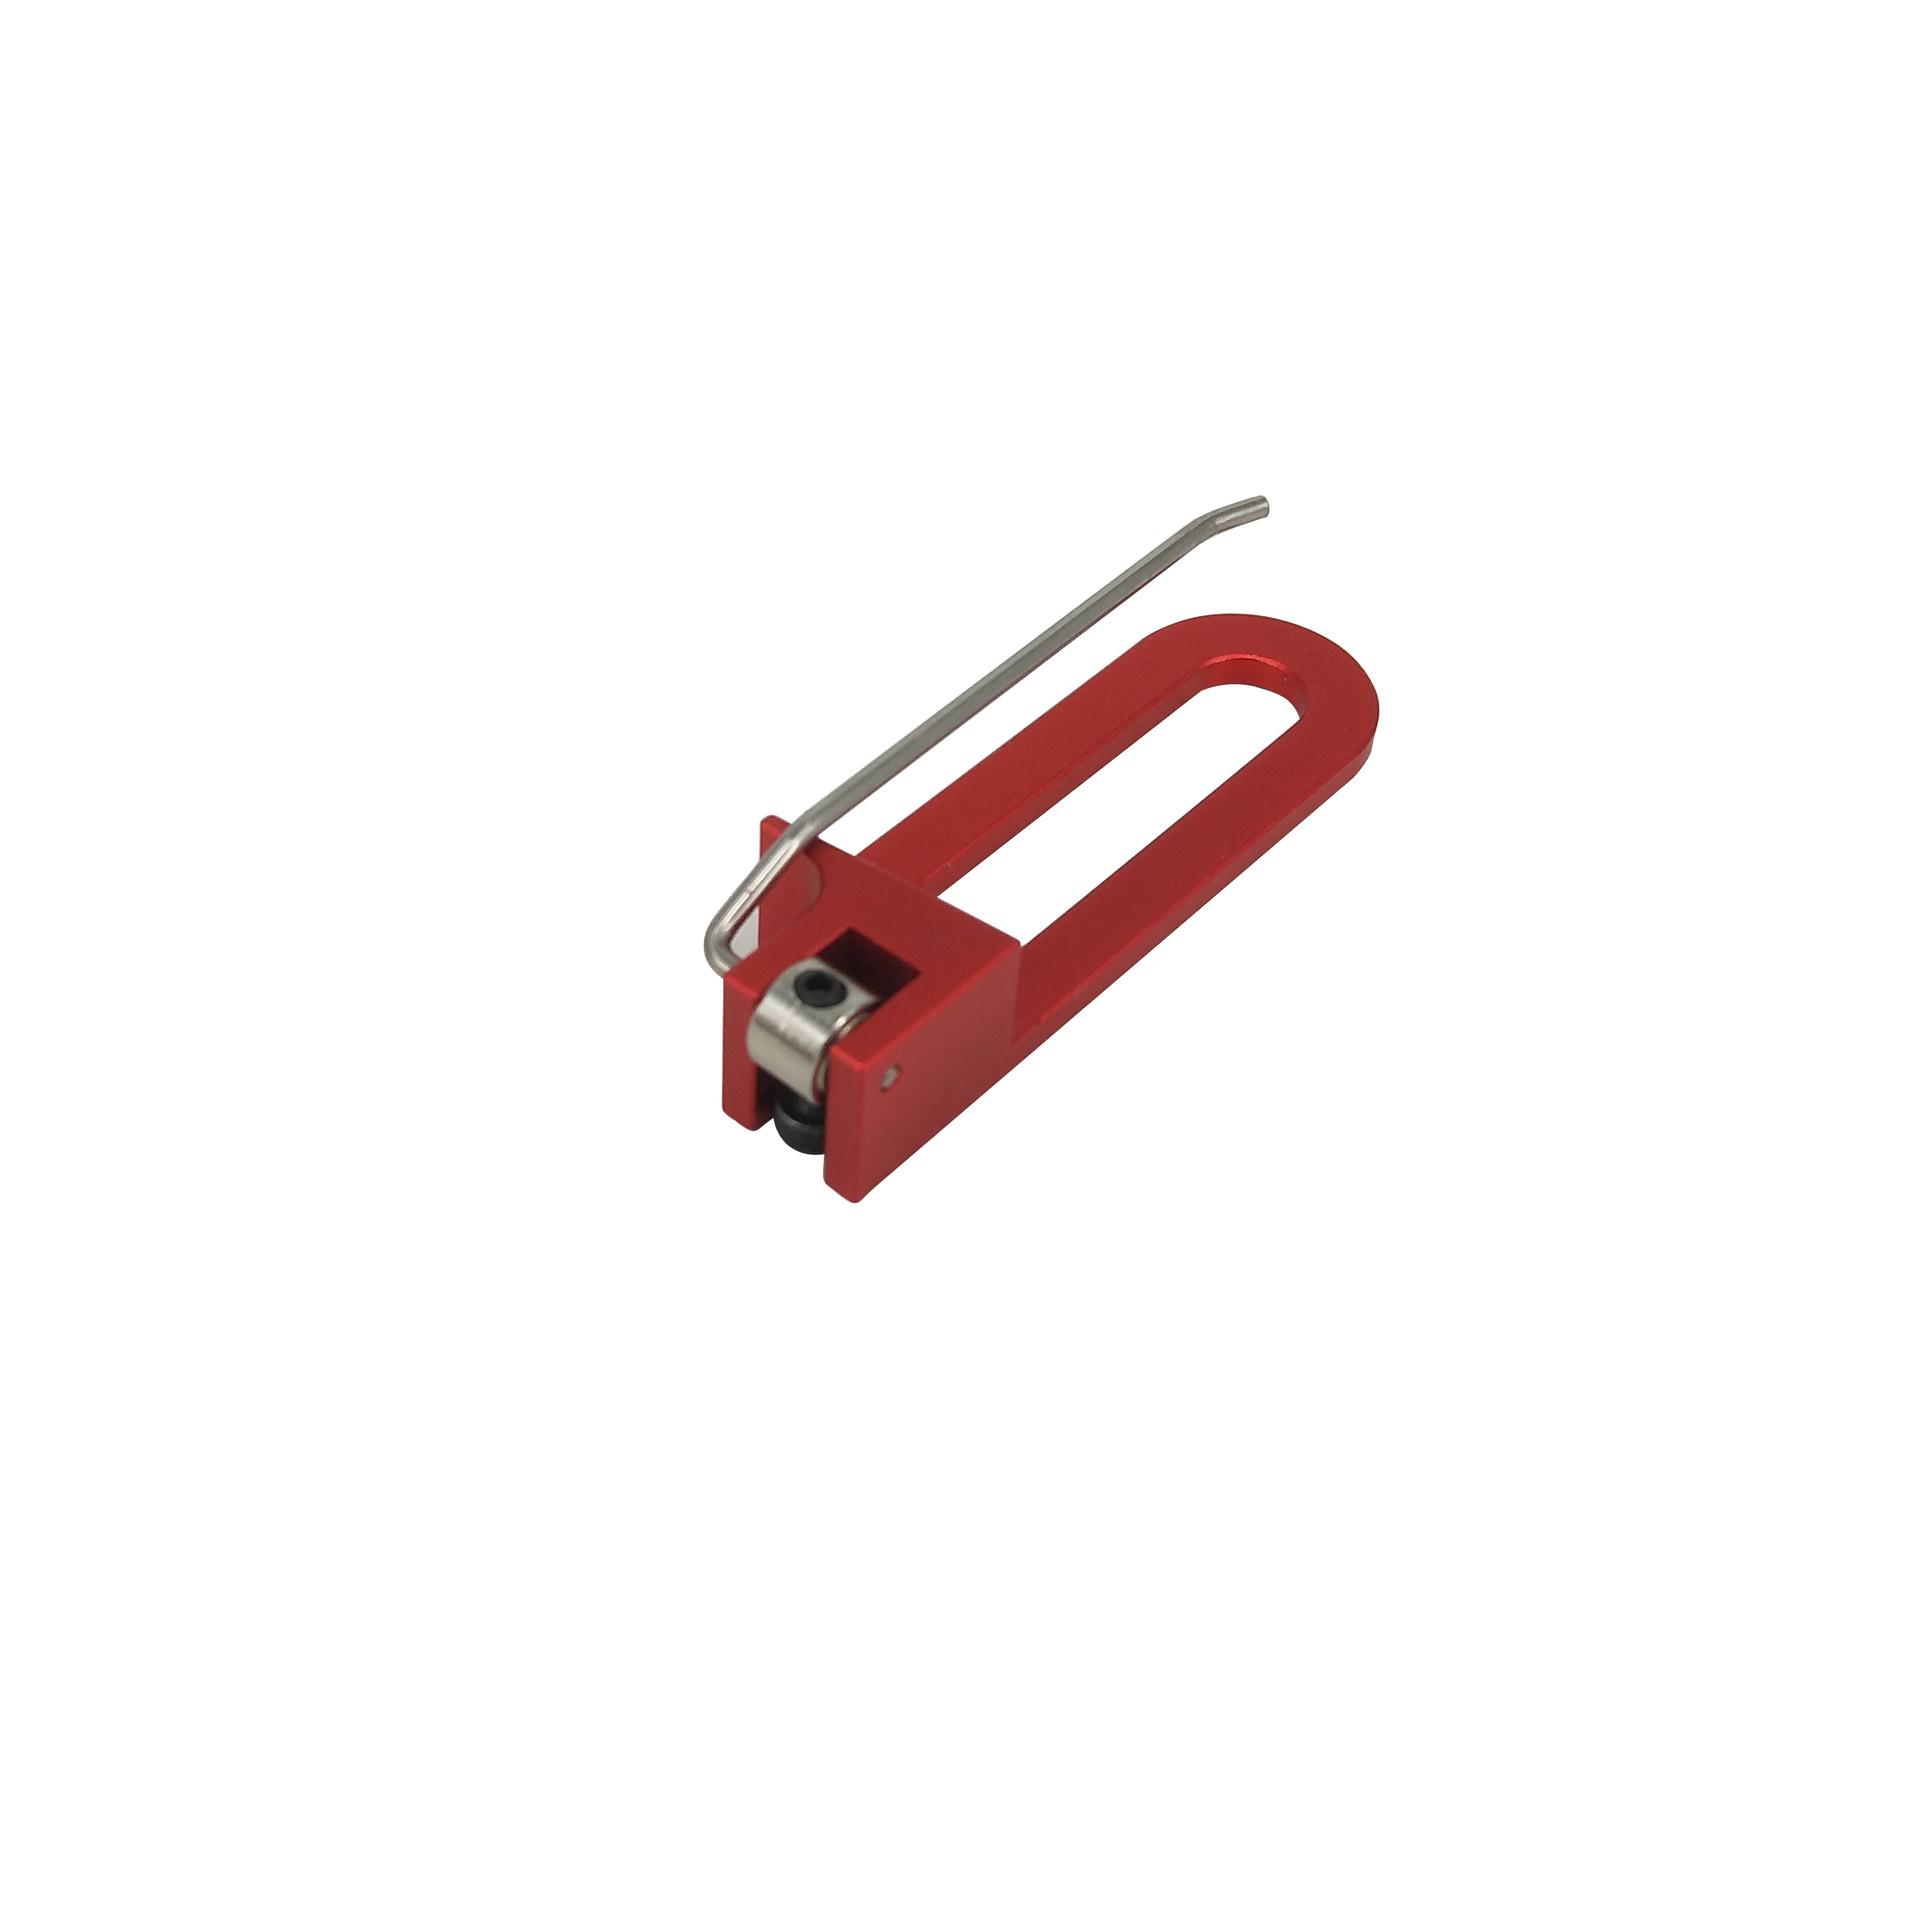 Archer Bow Set Seta Magnética Para Recurvo Profissional Arco Direita e Seta Esquerda Mão Resto